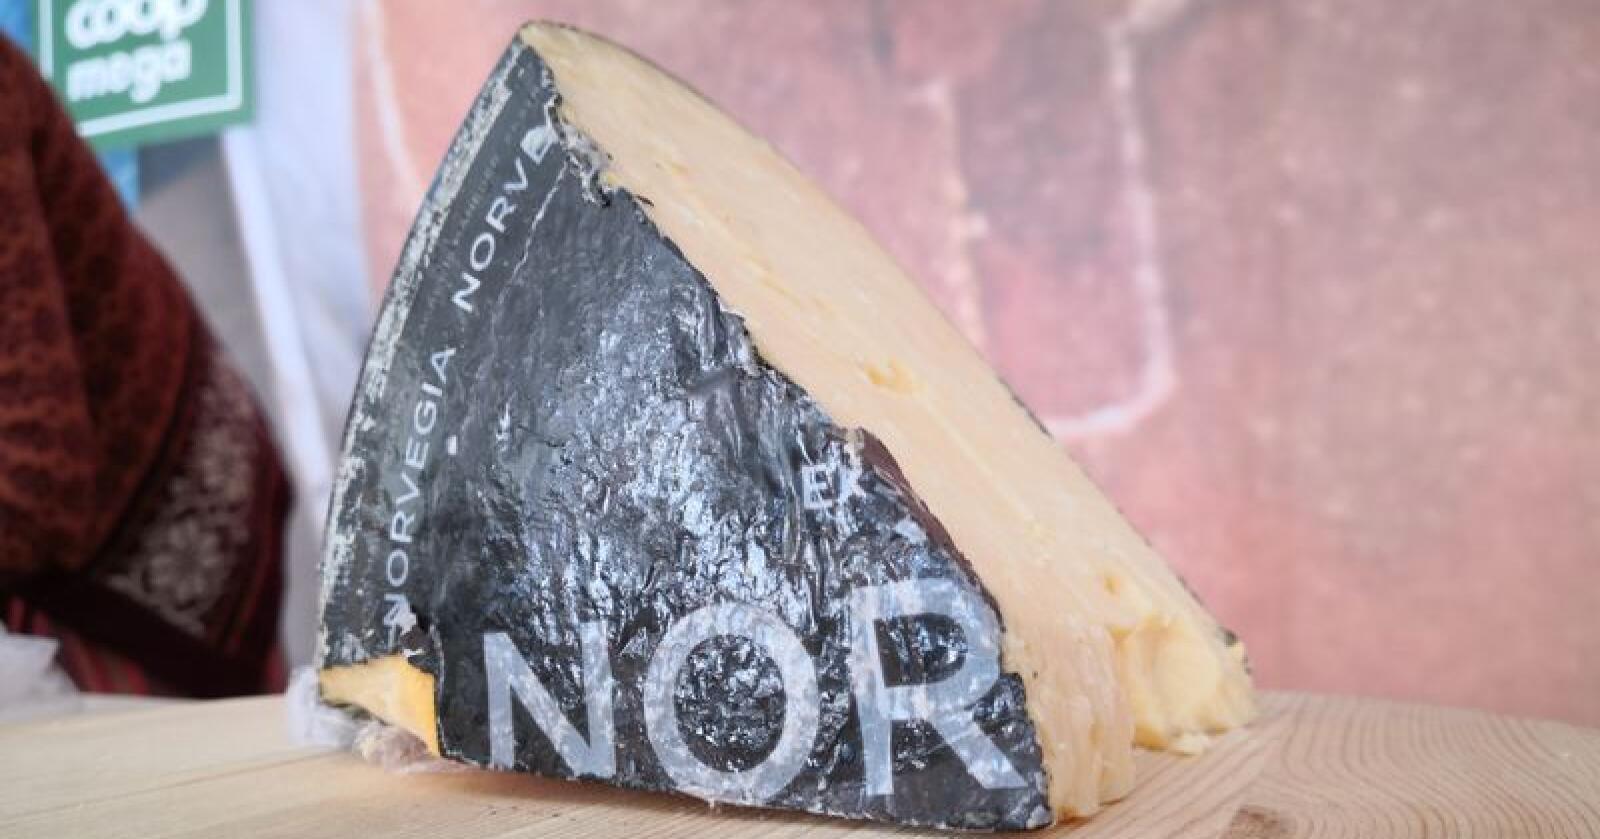 """Tines """"Norvegia Vellagret 5 år"""" gikk helt til topps med 91 av 100 mulige poeng. Ostene vurderes ut fra lukt, smak og konsistens. Foto: Jon-Fredrik Klausen"""